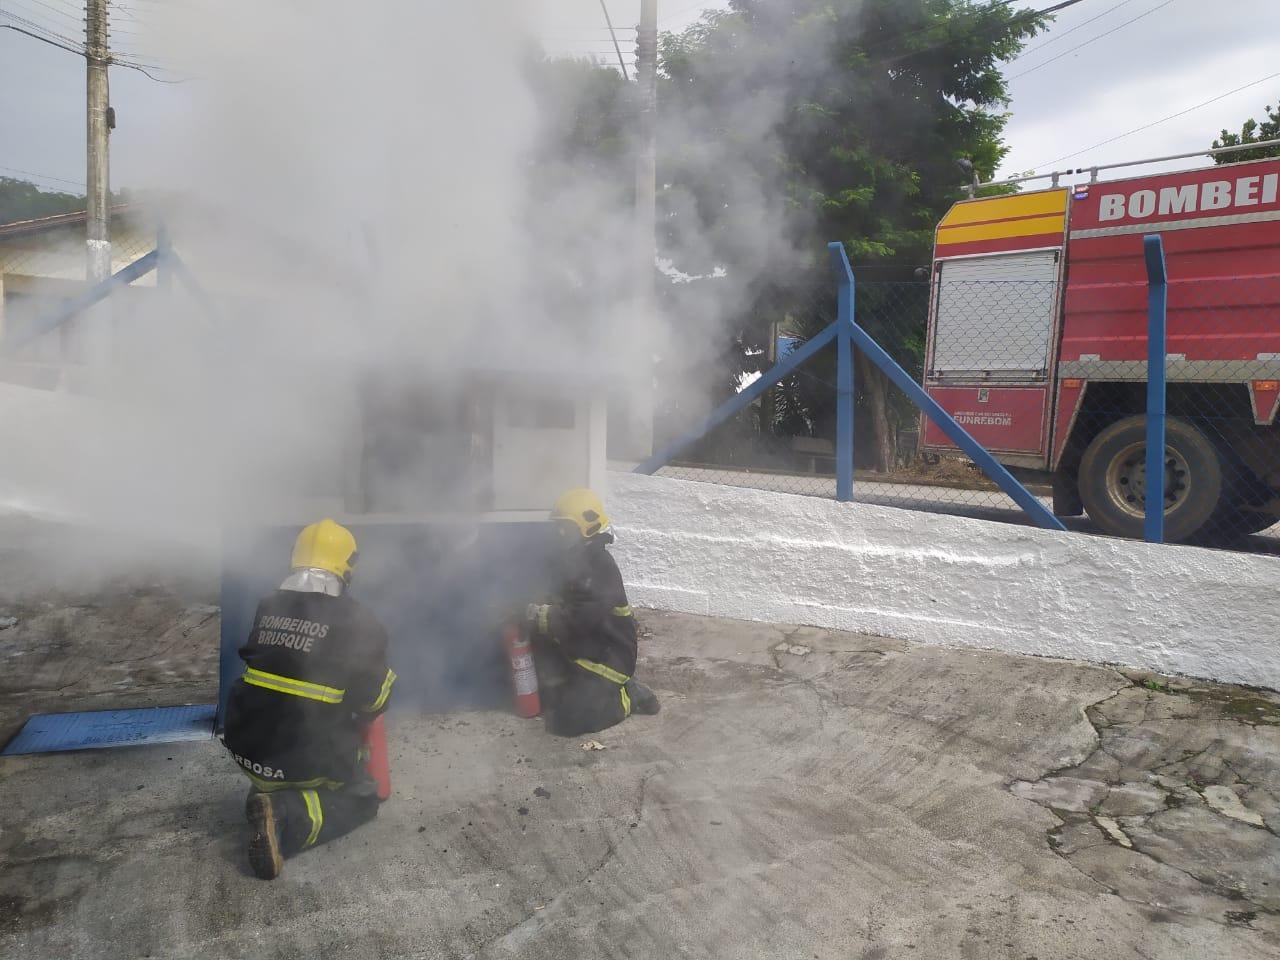 Samae aciona Celesc para conserto emergencial em rede elétrica